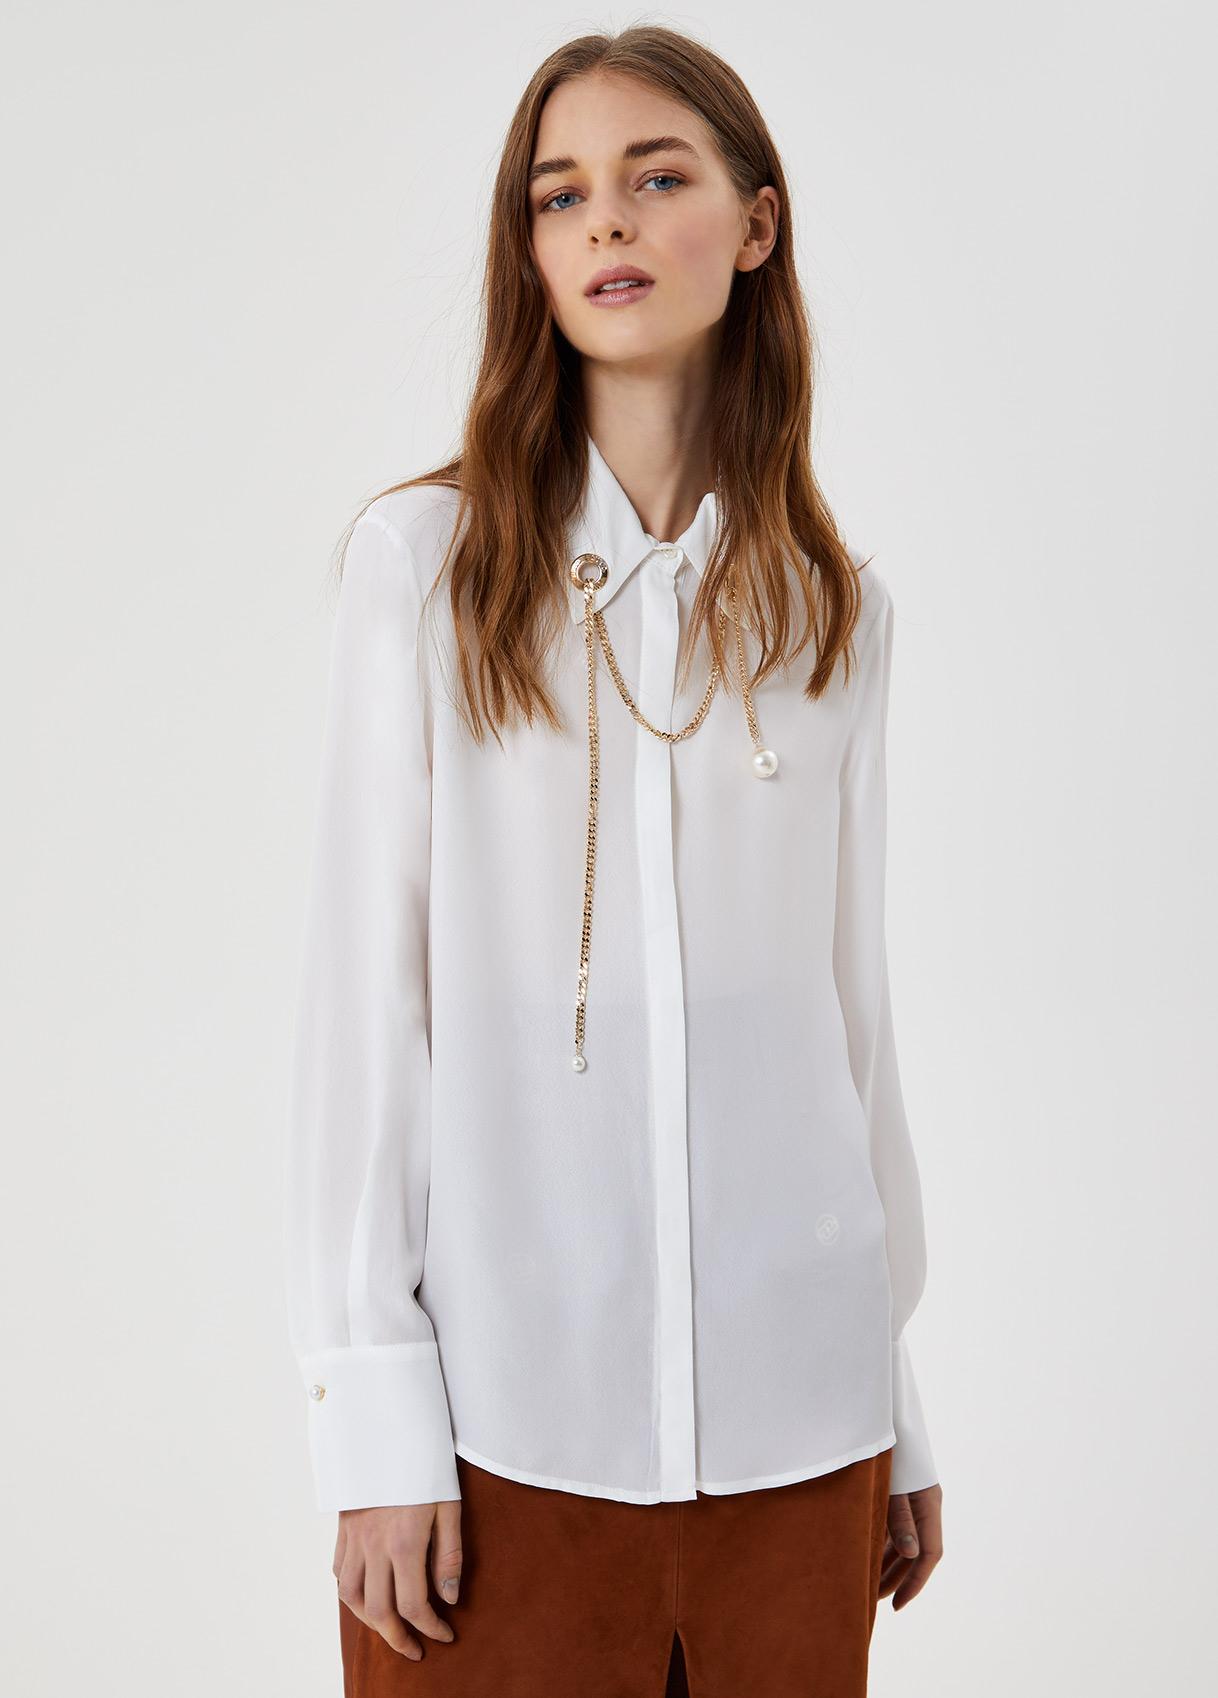 Camicia con dettaglio perla Stelle bianche Liu Jo - large